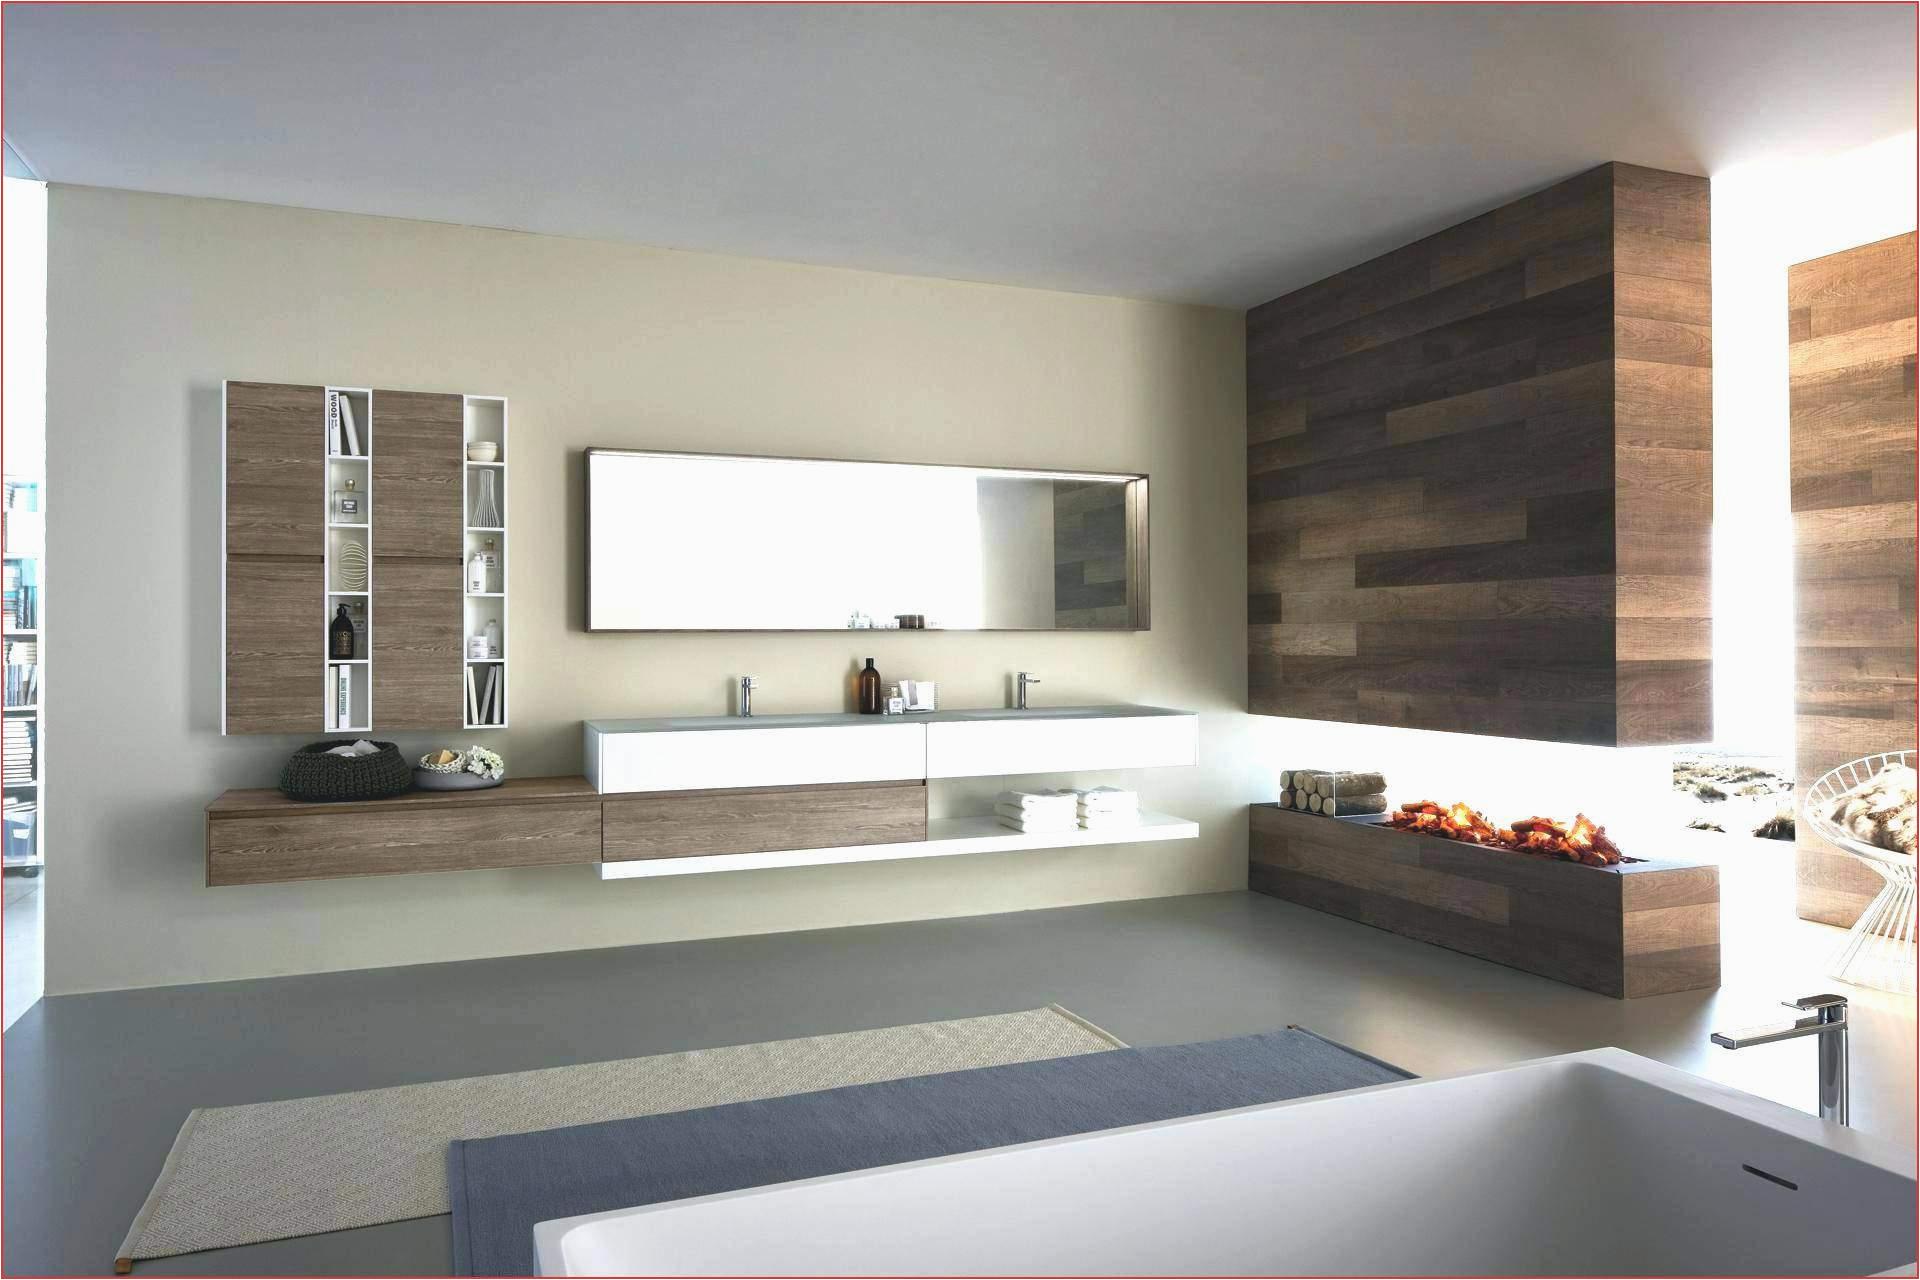 weises wohnzimmer einzigartig groses badezimmer schon ets toeic test lc rc 1200 transcript pdf of weises wohnzimmer